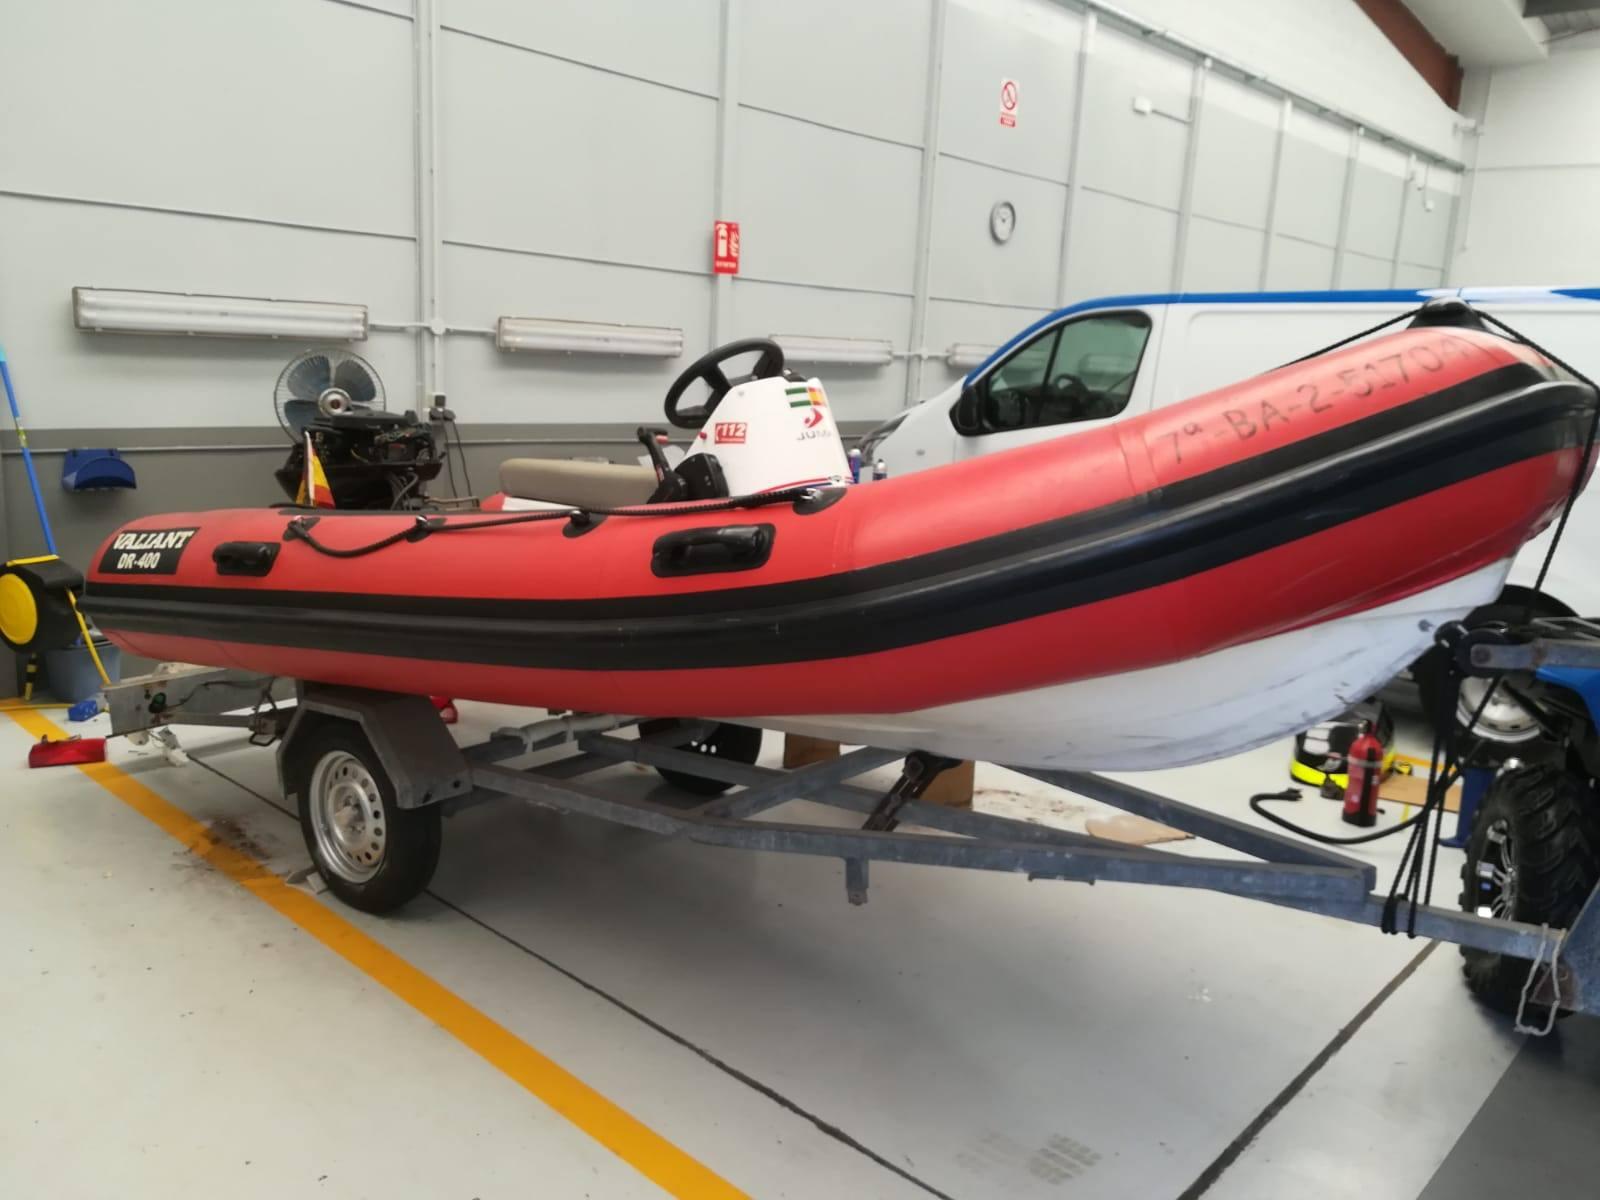 Forgeser barca de salvamento Estepona